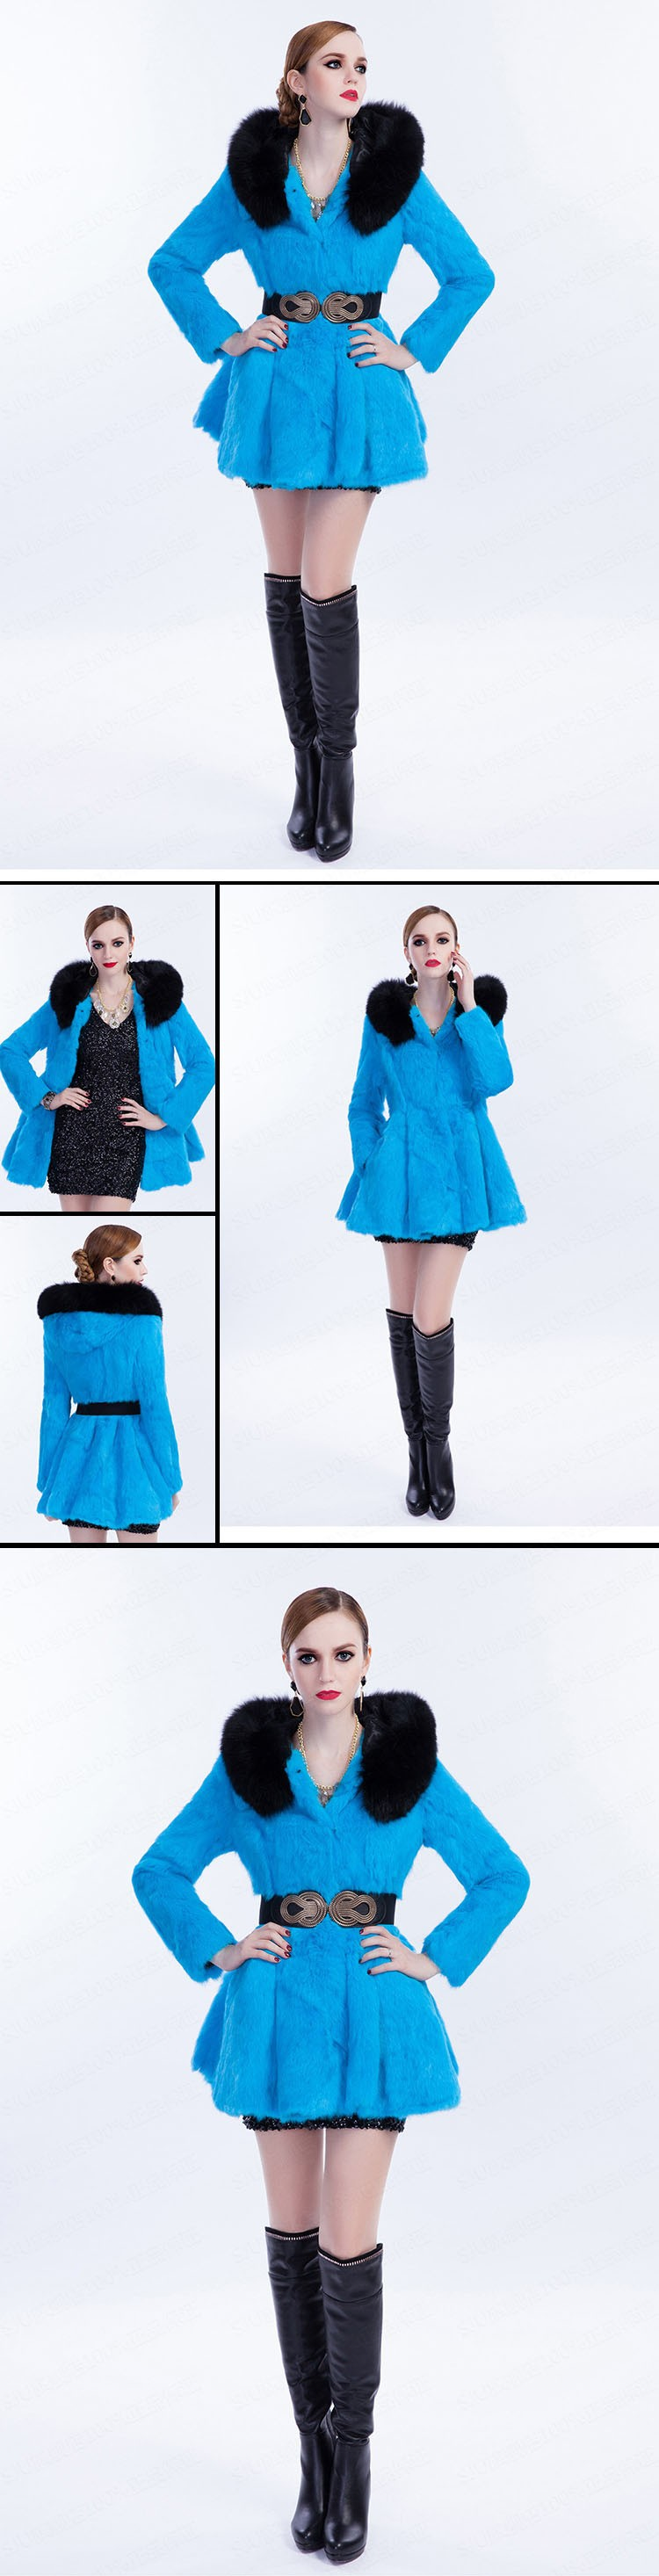 Новая Голландия кролика шуба сгустить теплый мех юбка пальто с капюшоном женщин тонкий меха куртки h 0242